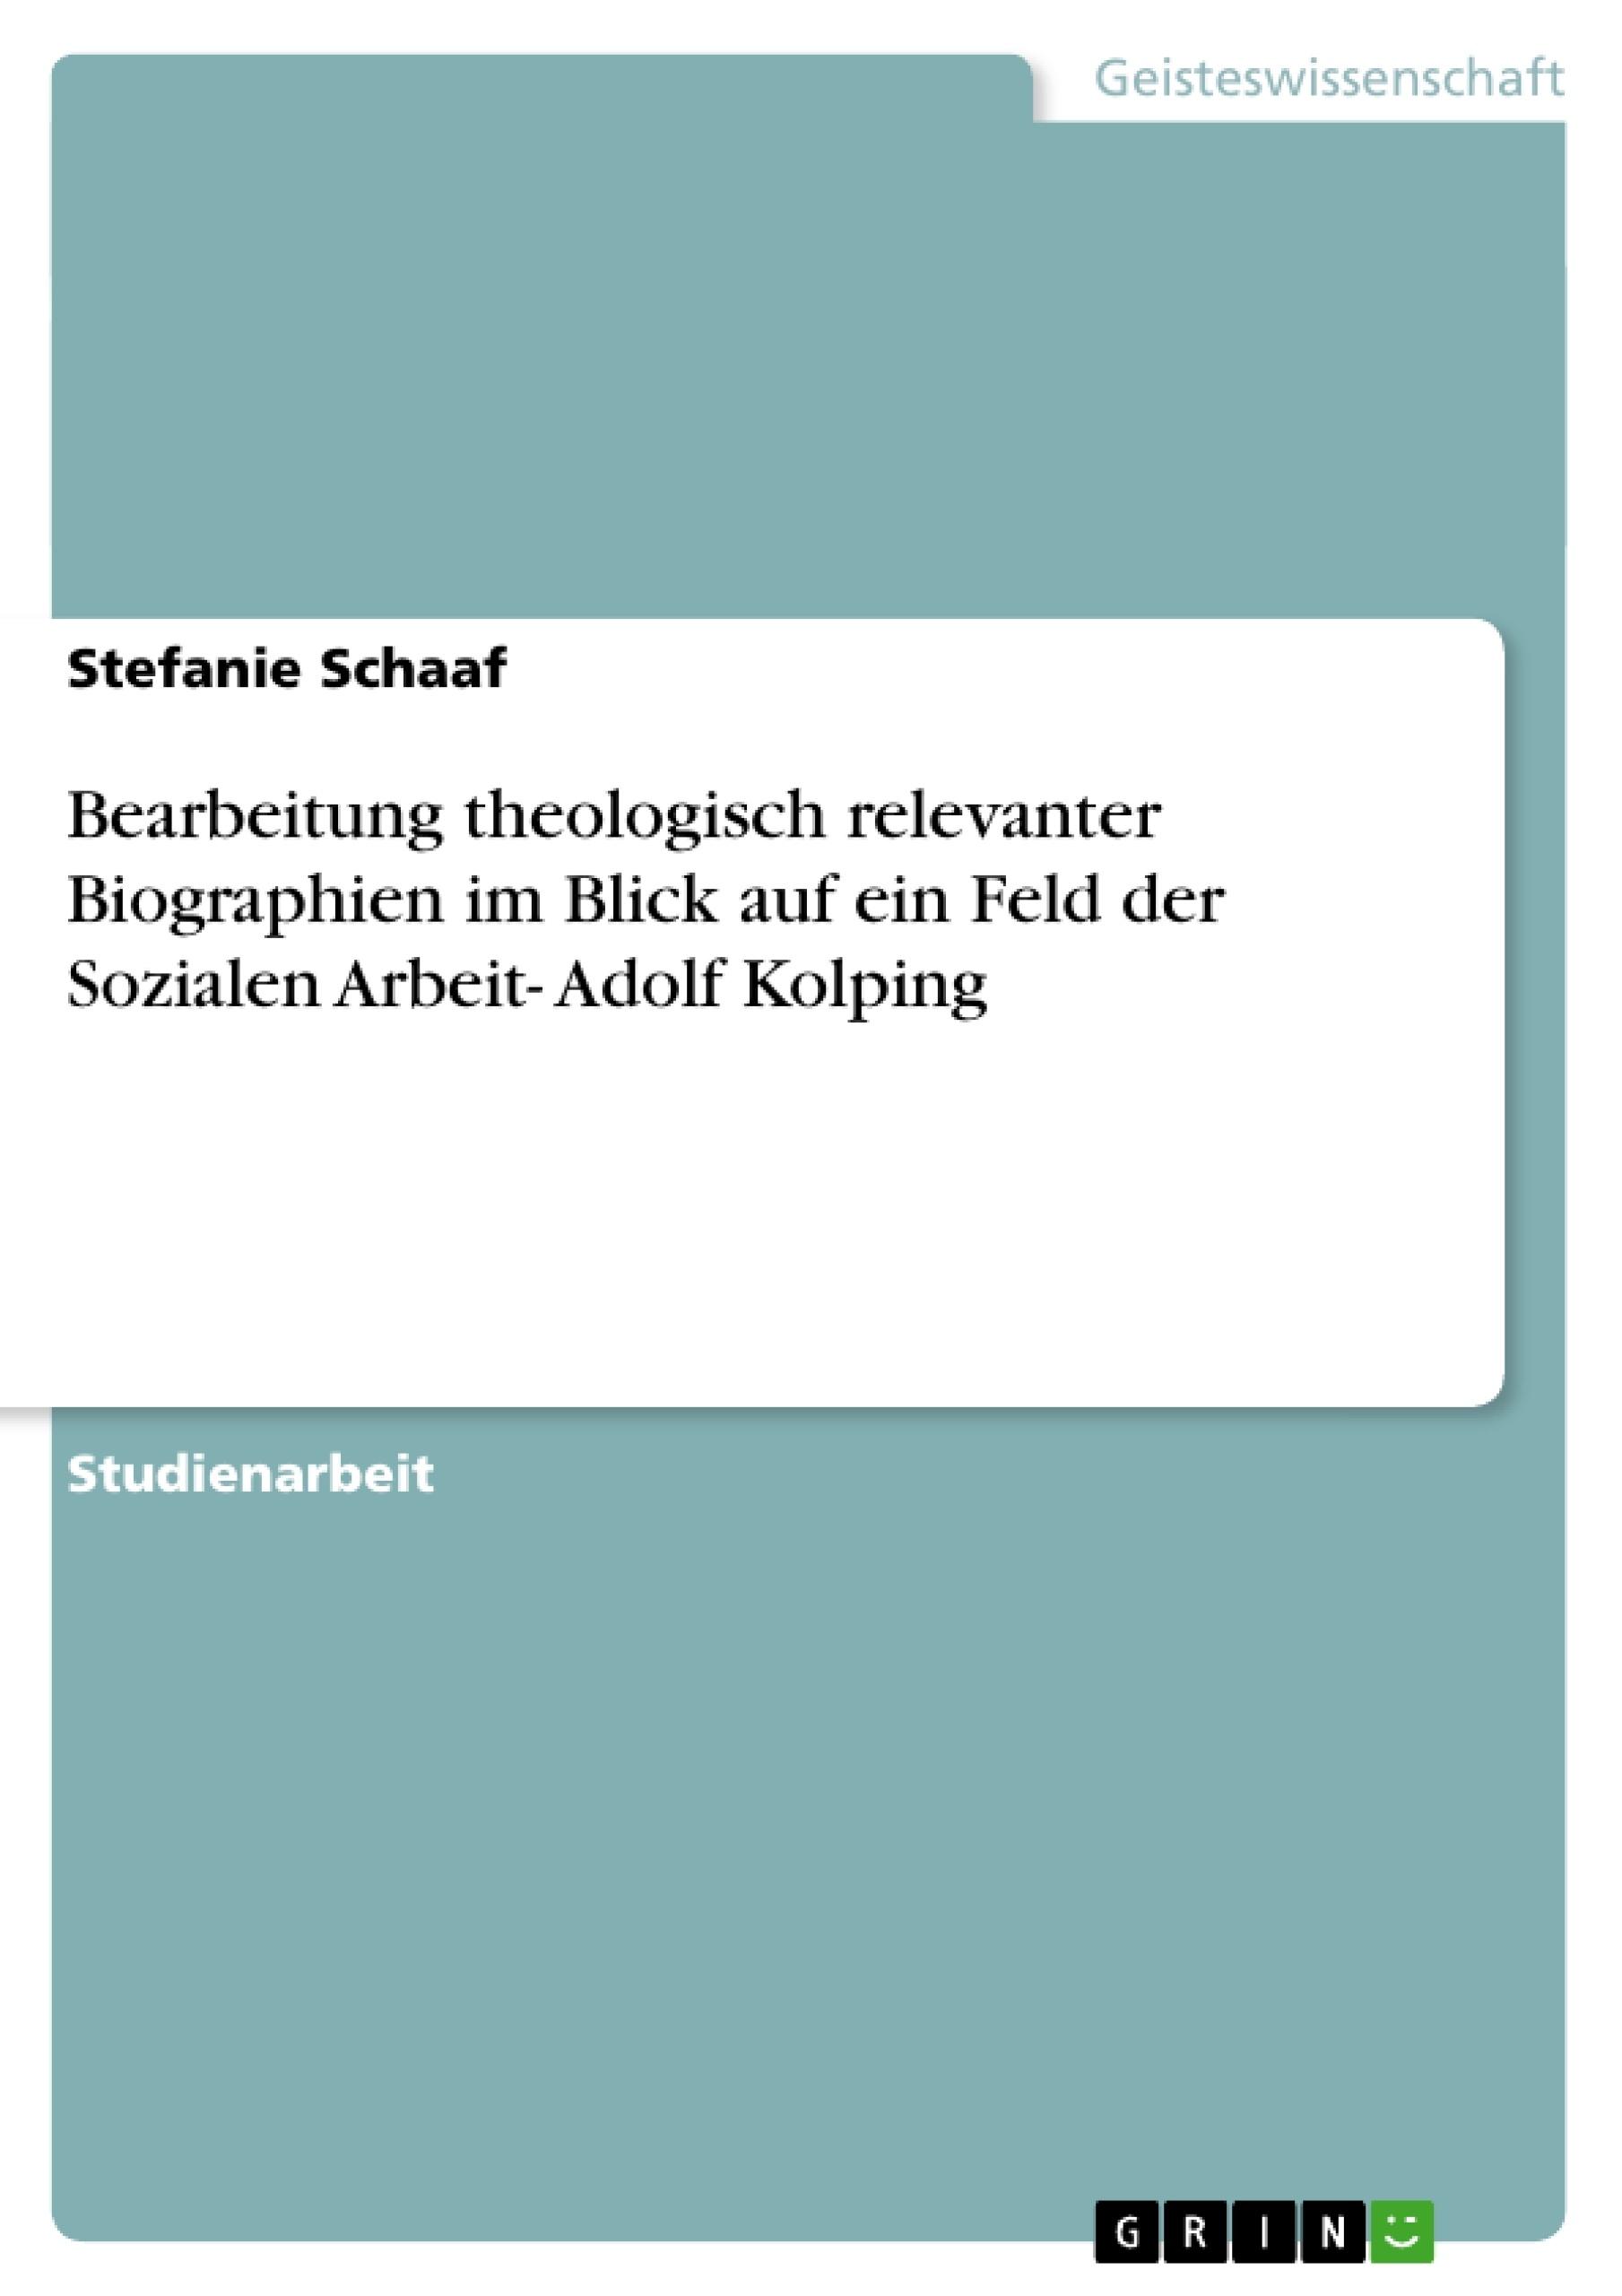 Titel: Bearbeitung theologisch relevanter Biographien im Blick auf ein Feld der Sozialen Arbeit- Adolf Kolping